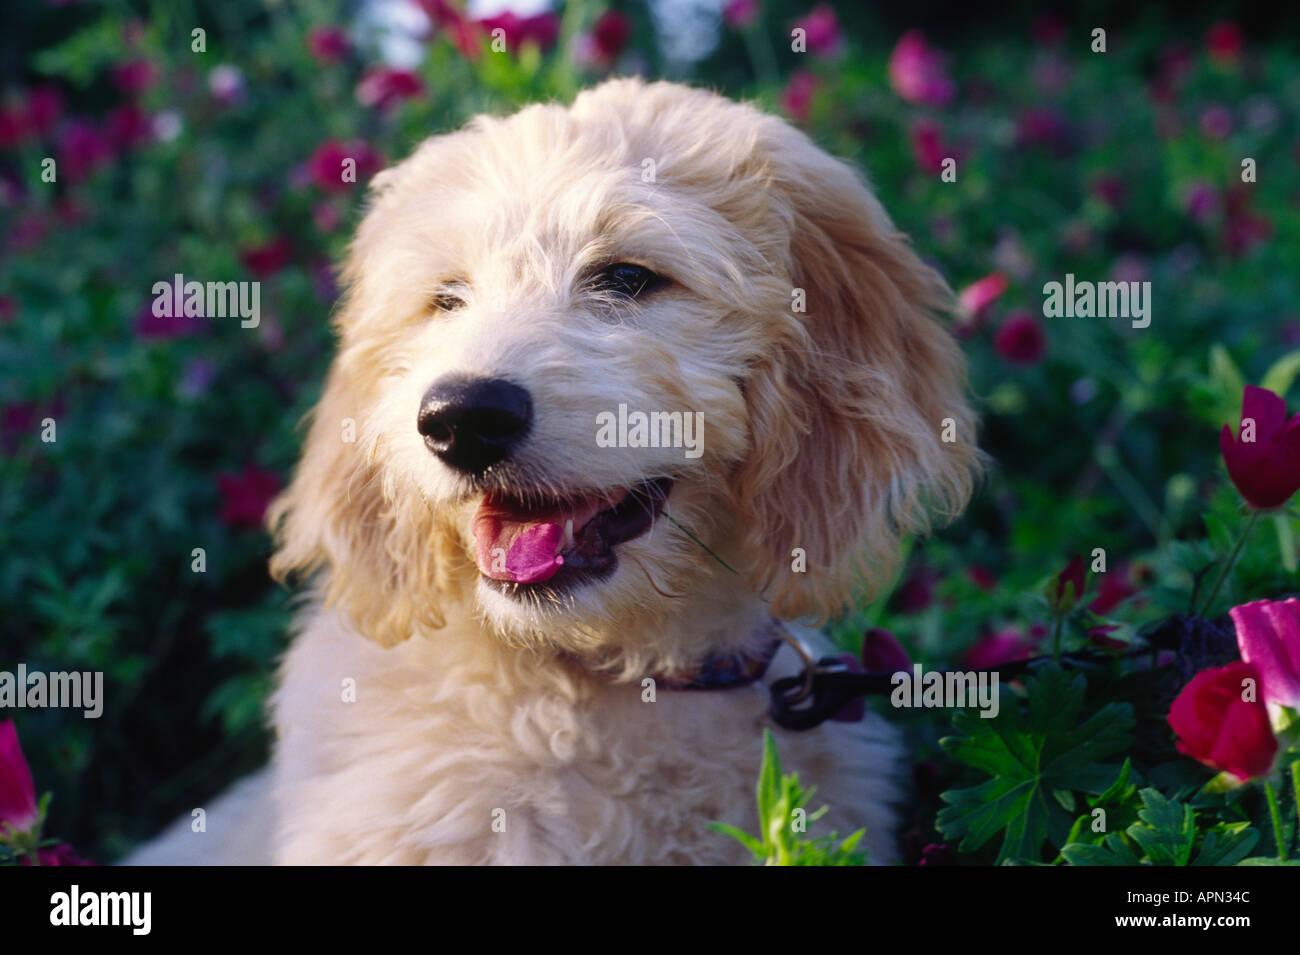 Golden doodle cucciolo di razza cane mangia fiori Immagini Stock